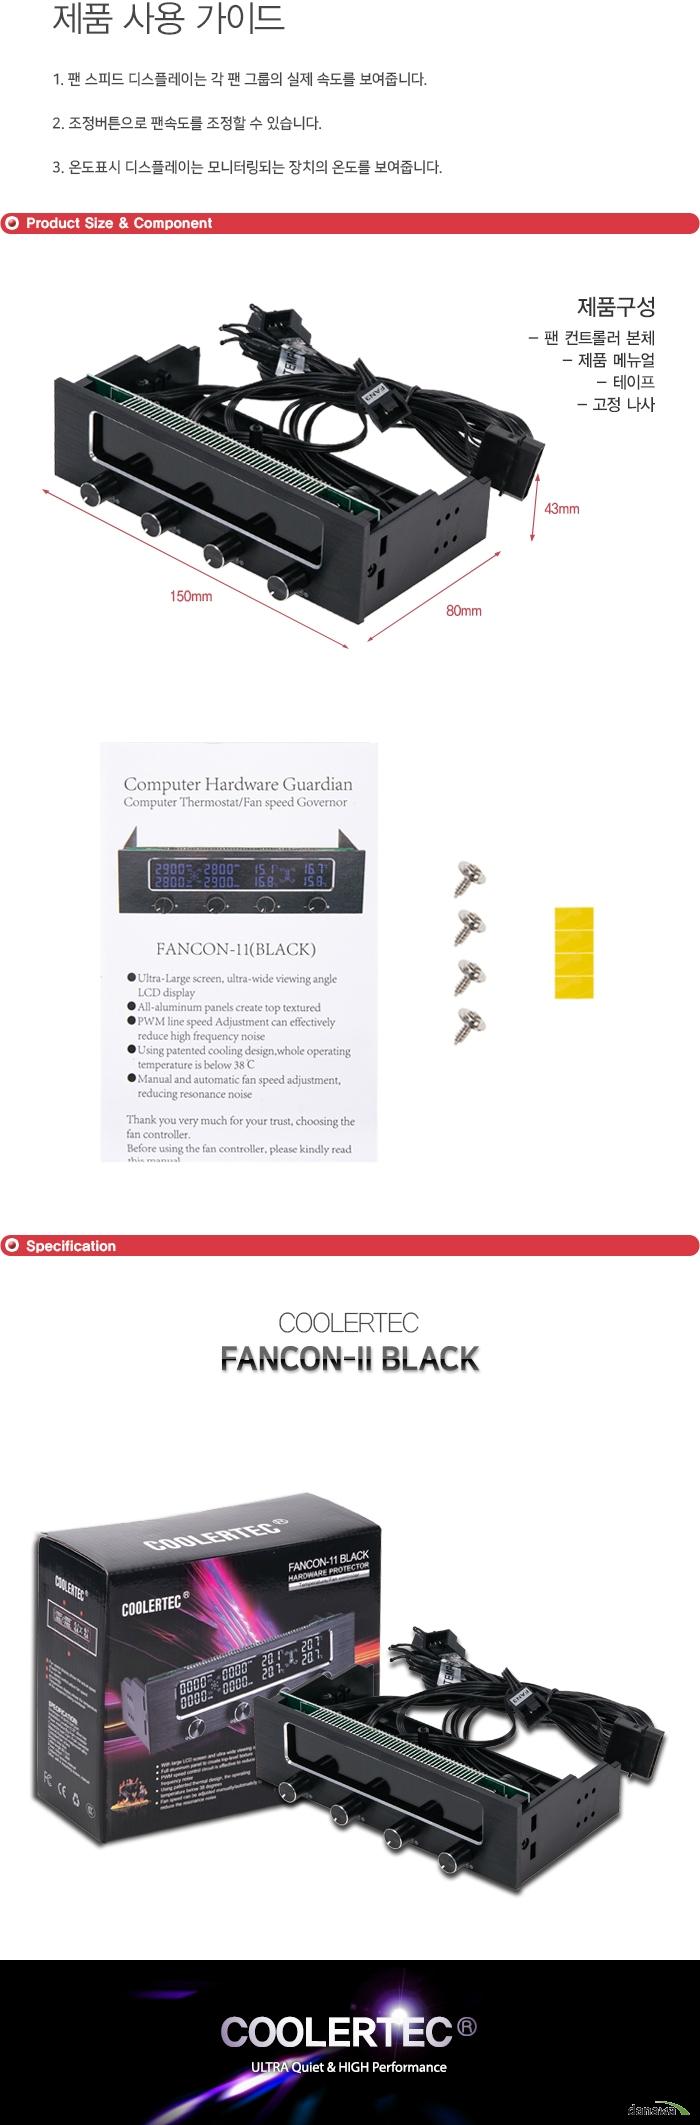 COOLERTEC FANCON-11 BLACK